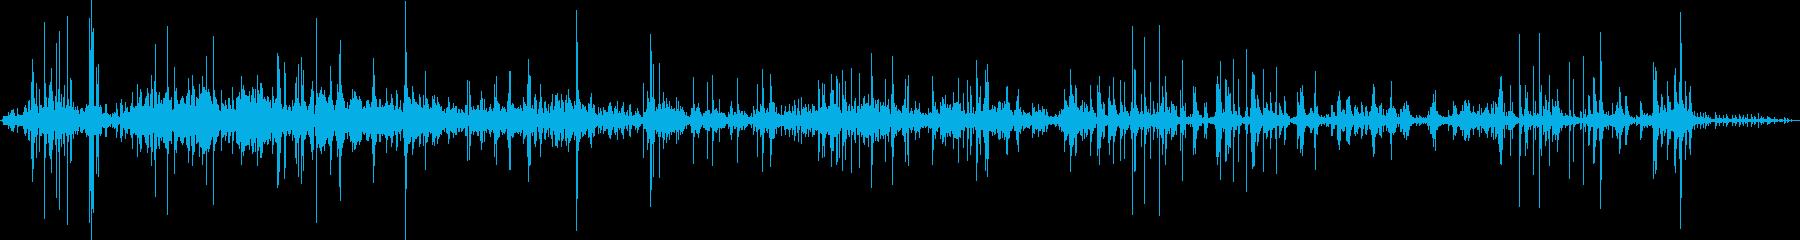 中世のカタパルト:ドローの再生済みの波形